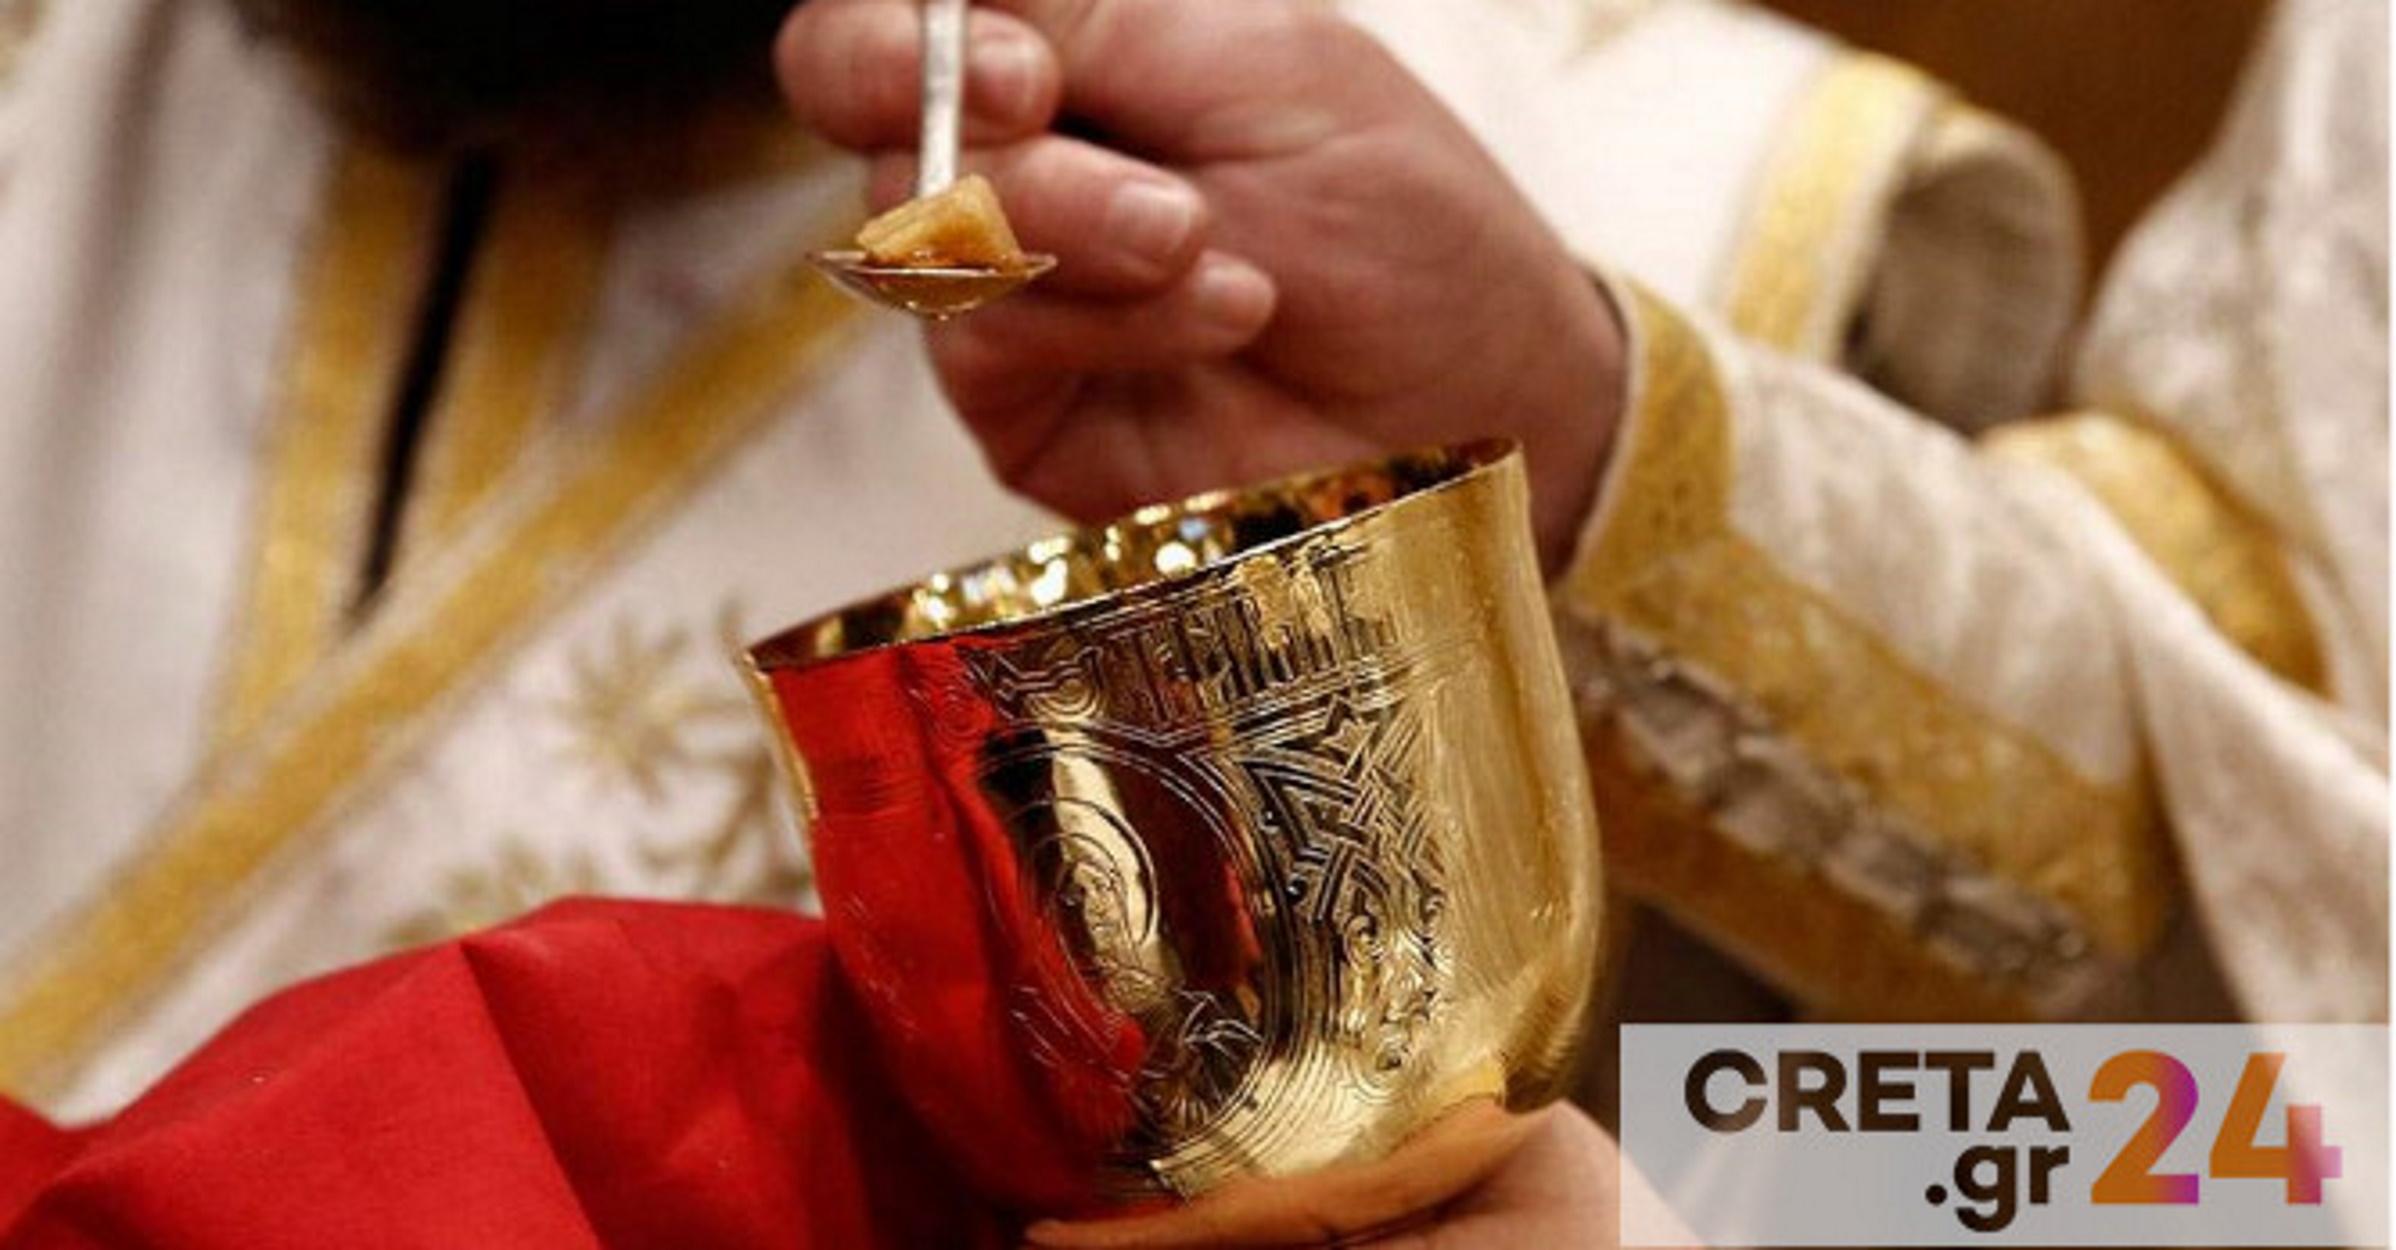 Κρήτη: Σάλος με ιερέα που κάνει λόγο για μετάδοση ασθενειών από τη Θεία Κοινωνία